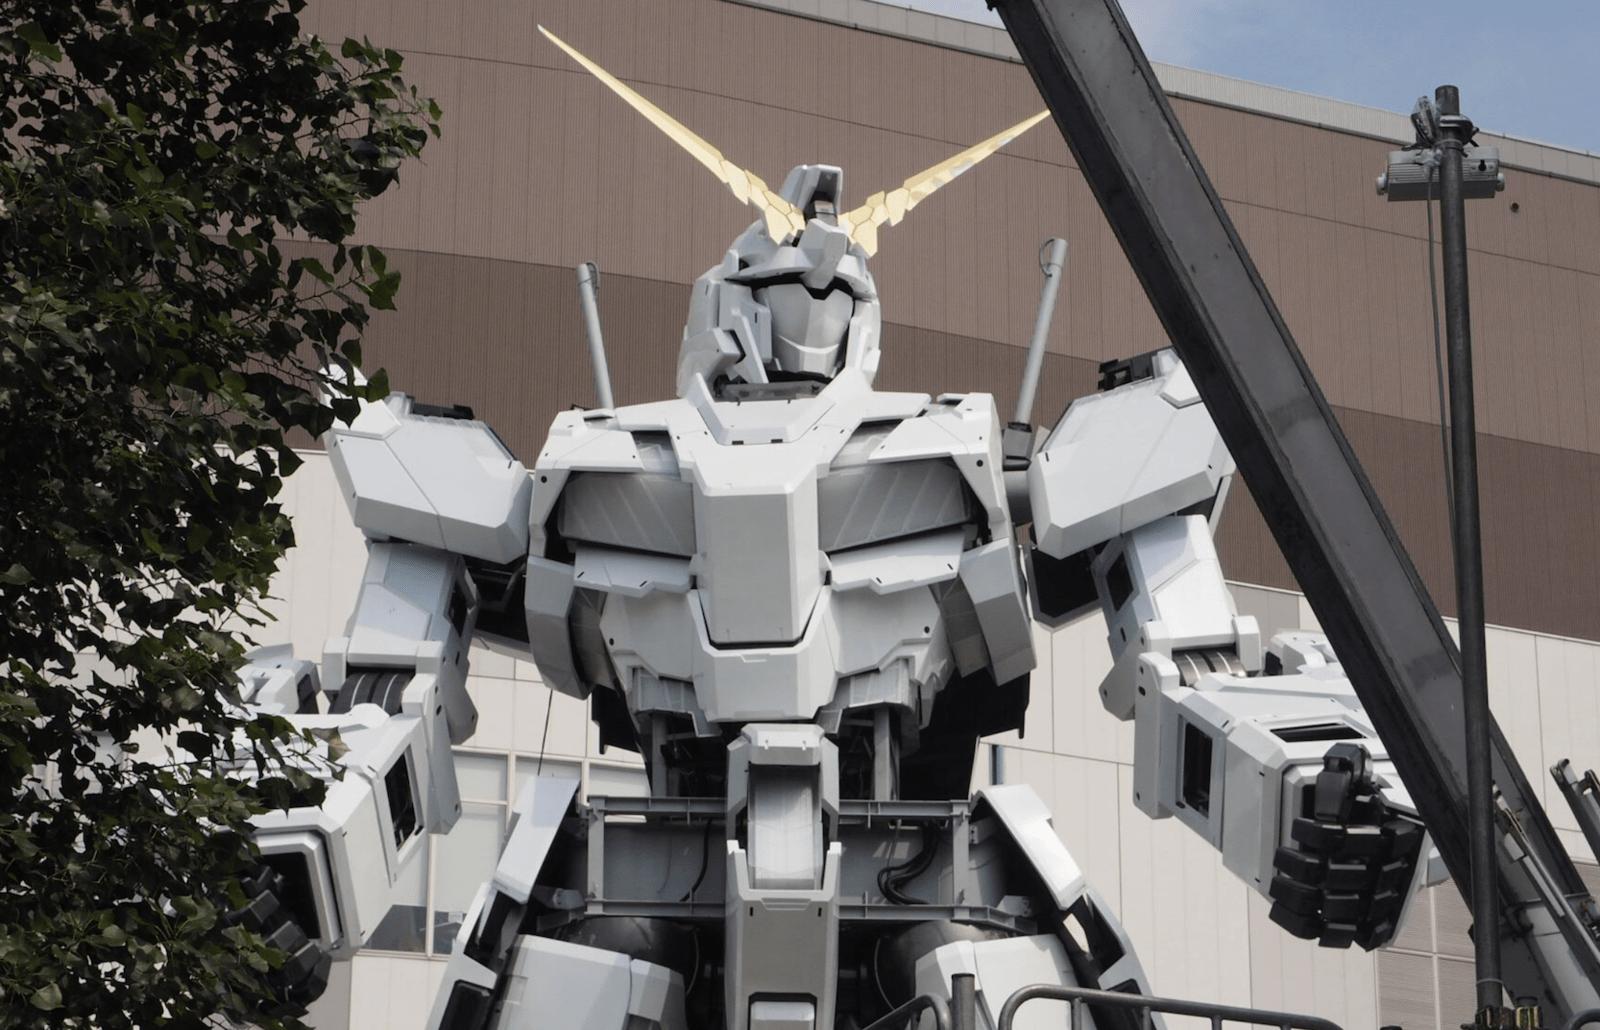 日本台場1:1獨角獸Gundam揭開面紗 手部、膝部活動部件裝上現雛形